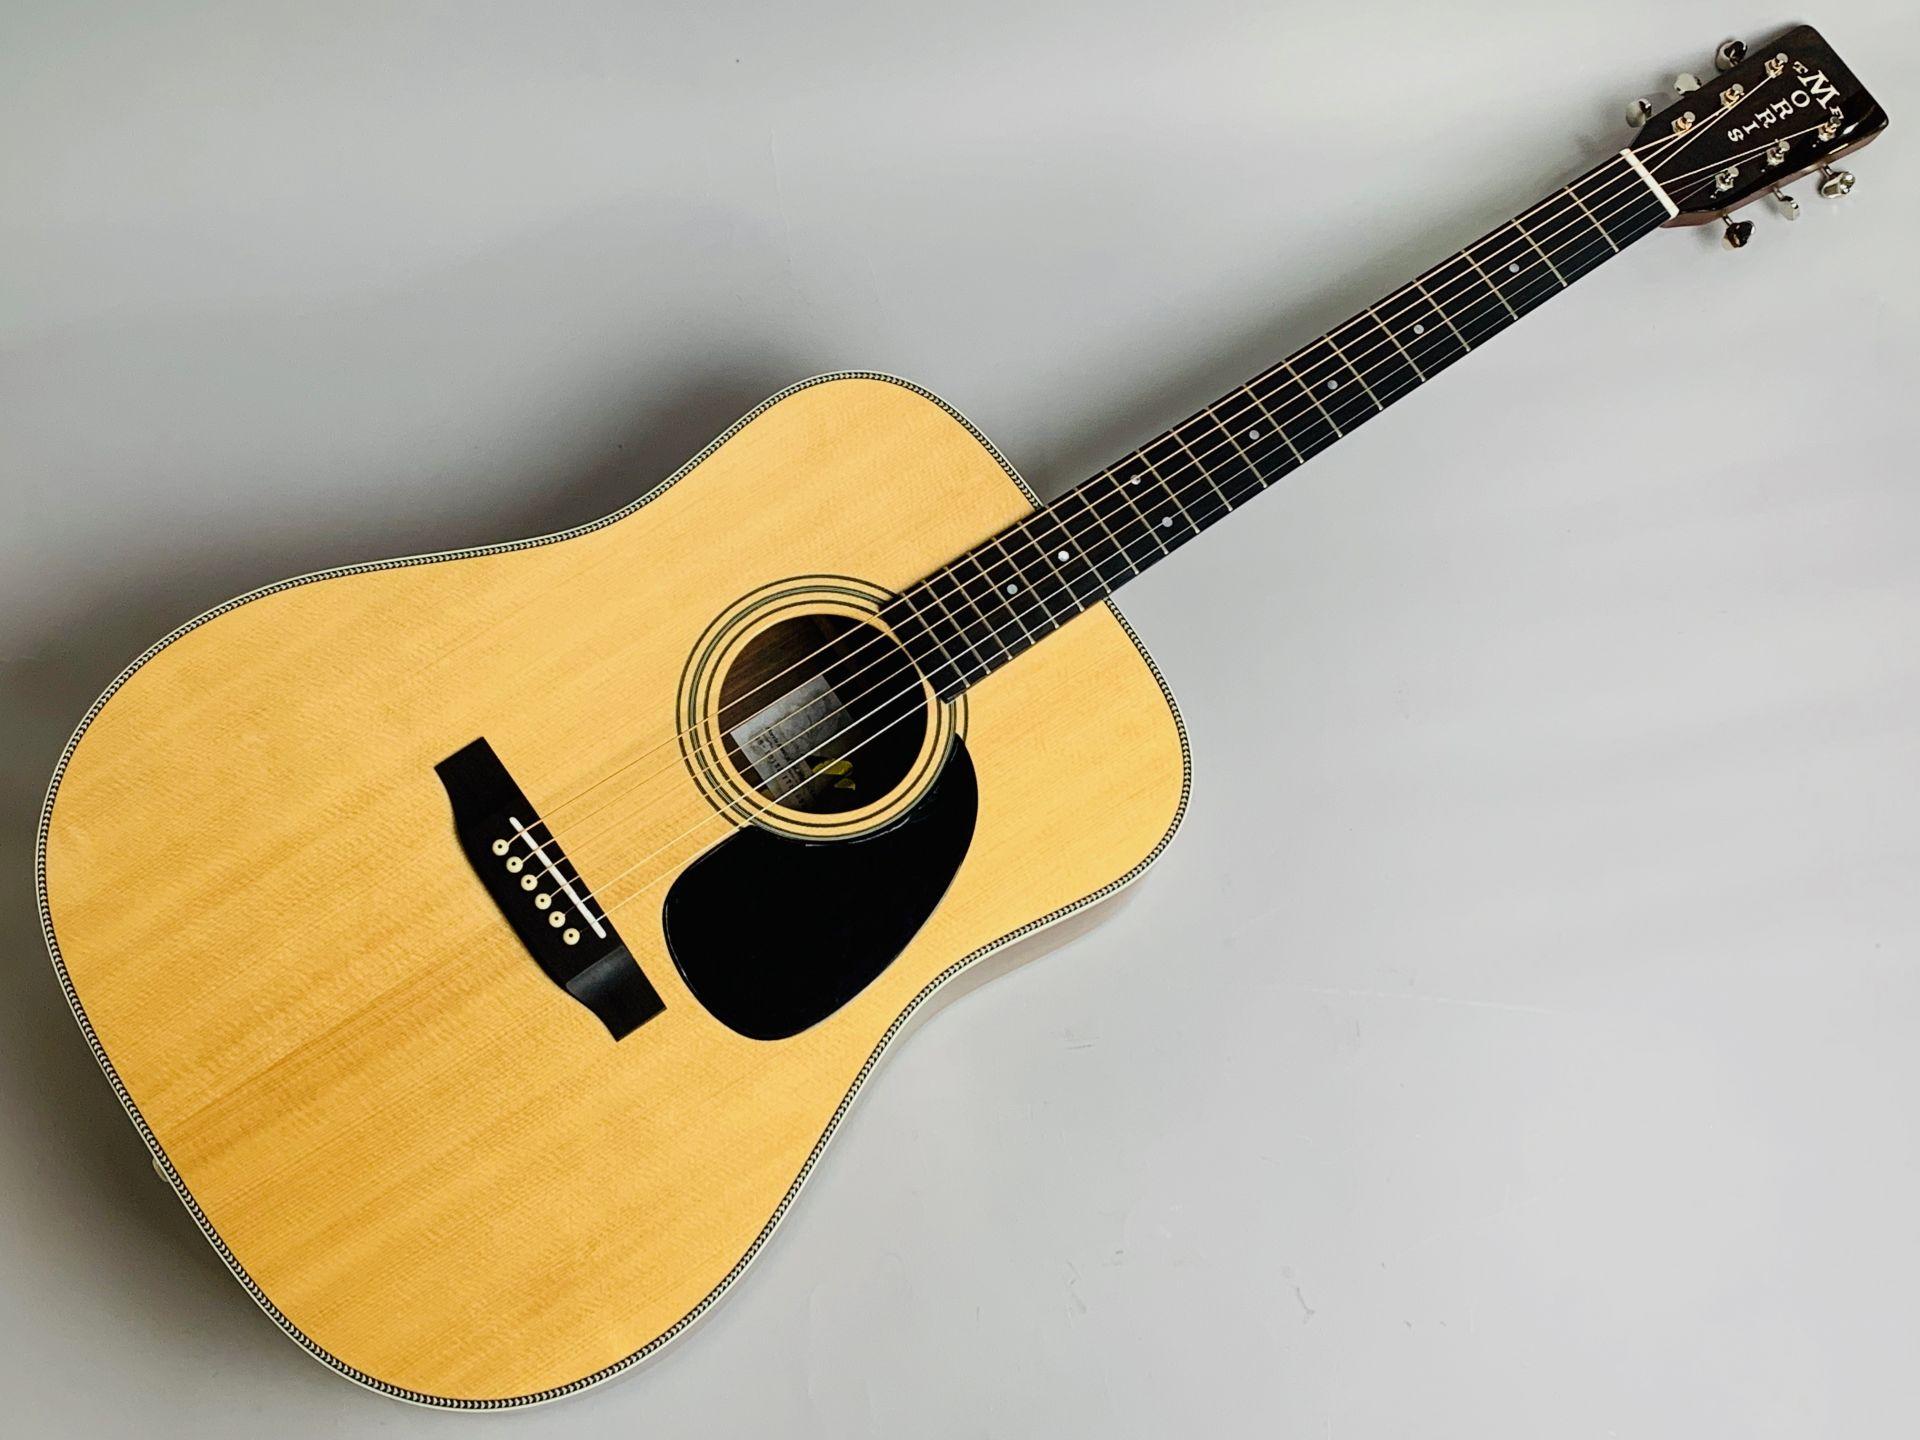 MS-101HD ハカランダ採用 島村楽器50本限定モデル